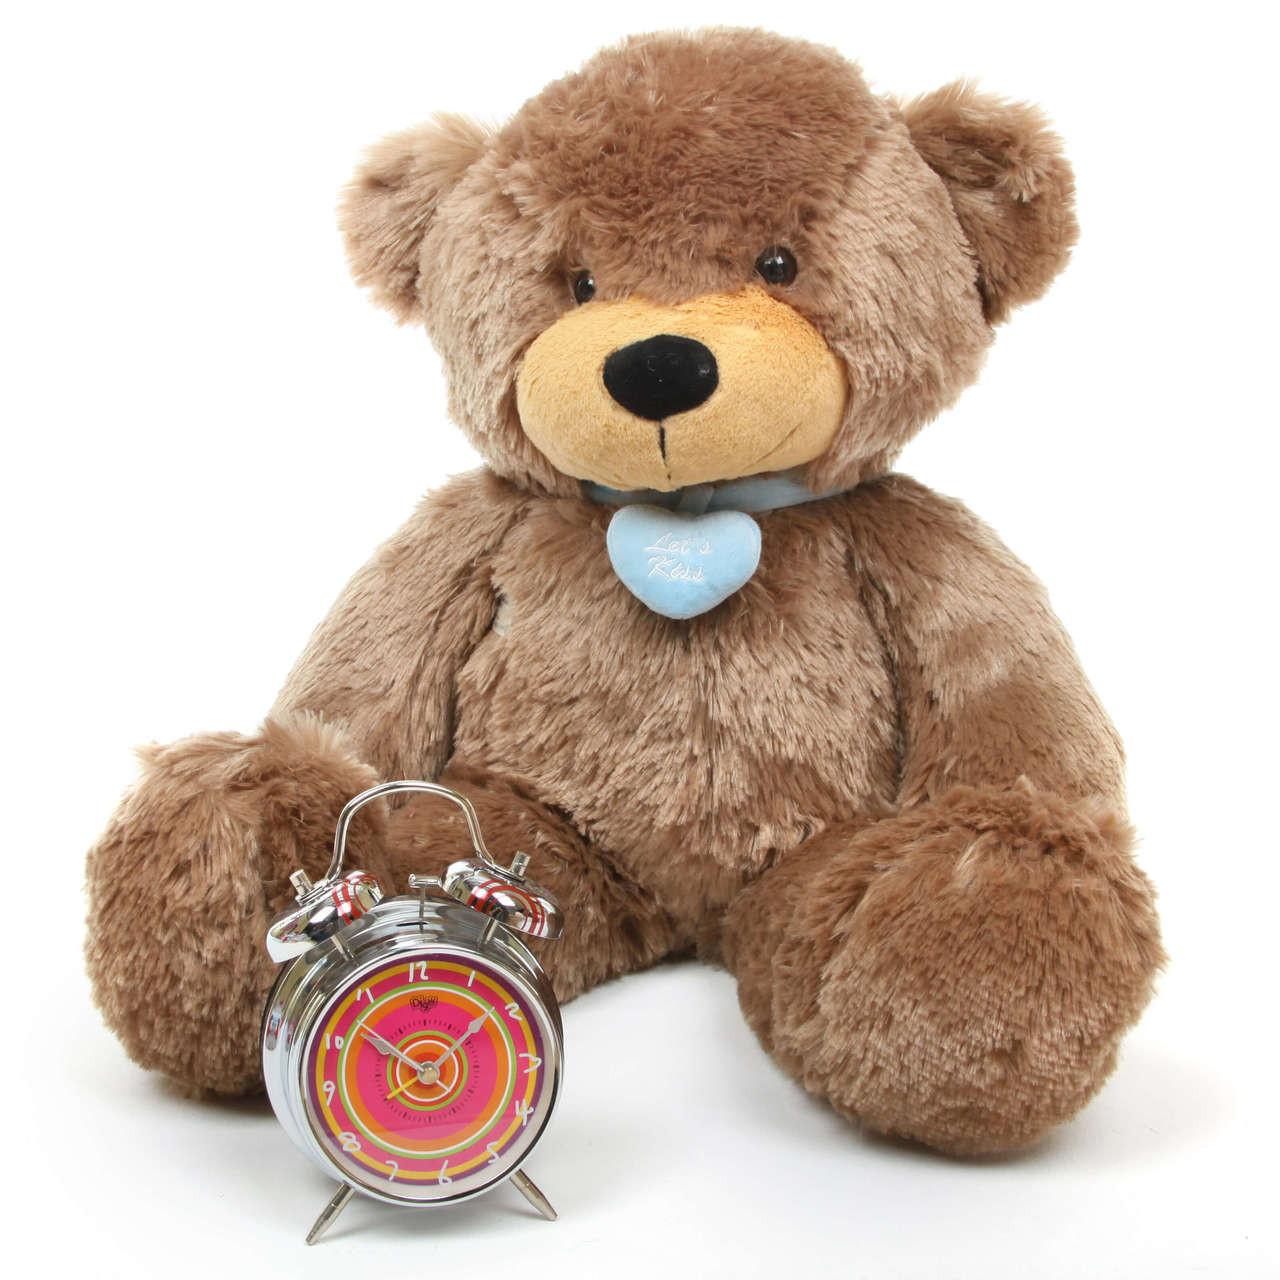 2ft Mocha Teddy Bear with Blue Heart Necklace Sunny Cuddles